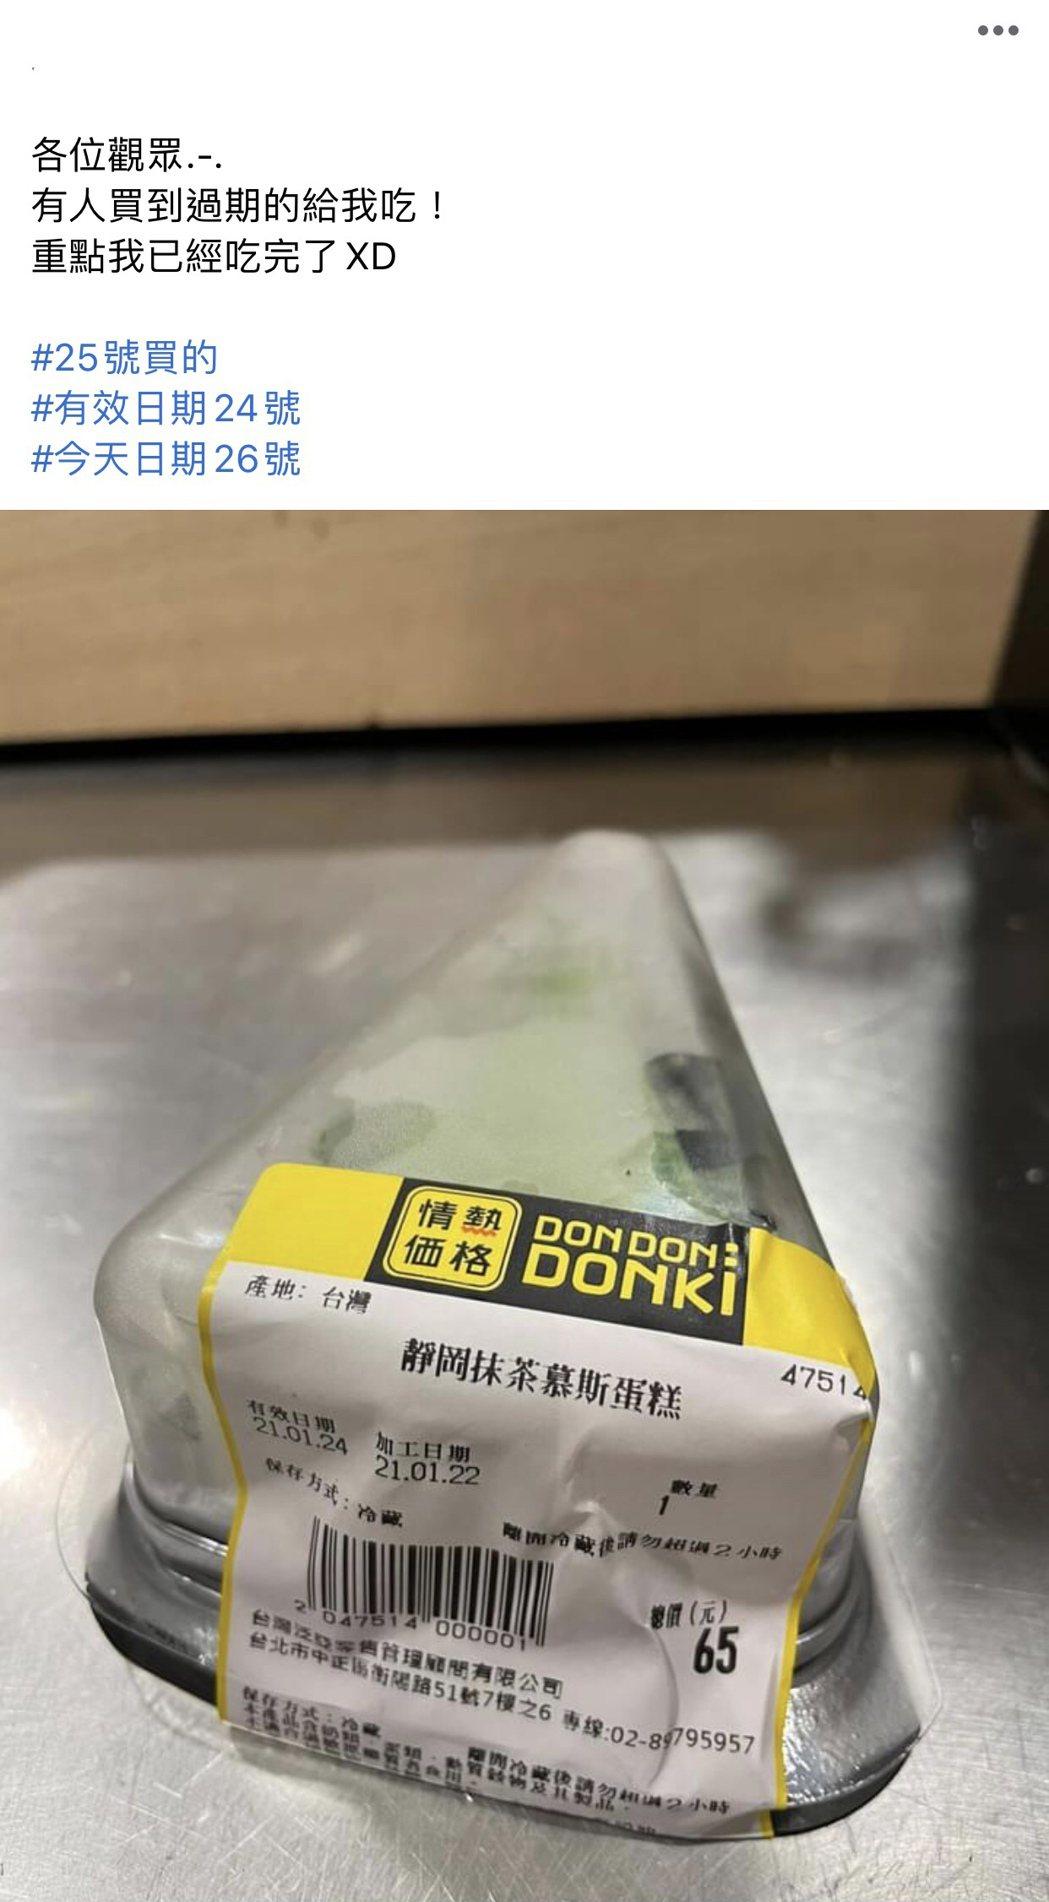 李先生在Facebook上發文抱怨自己在唐吉訶德買到過期的蛋糕。圖/讀者提供